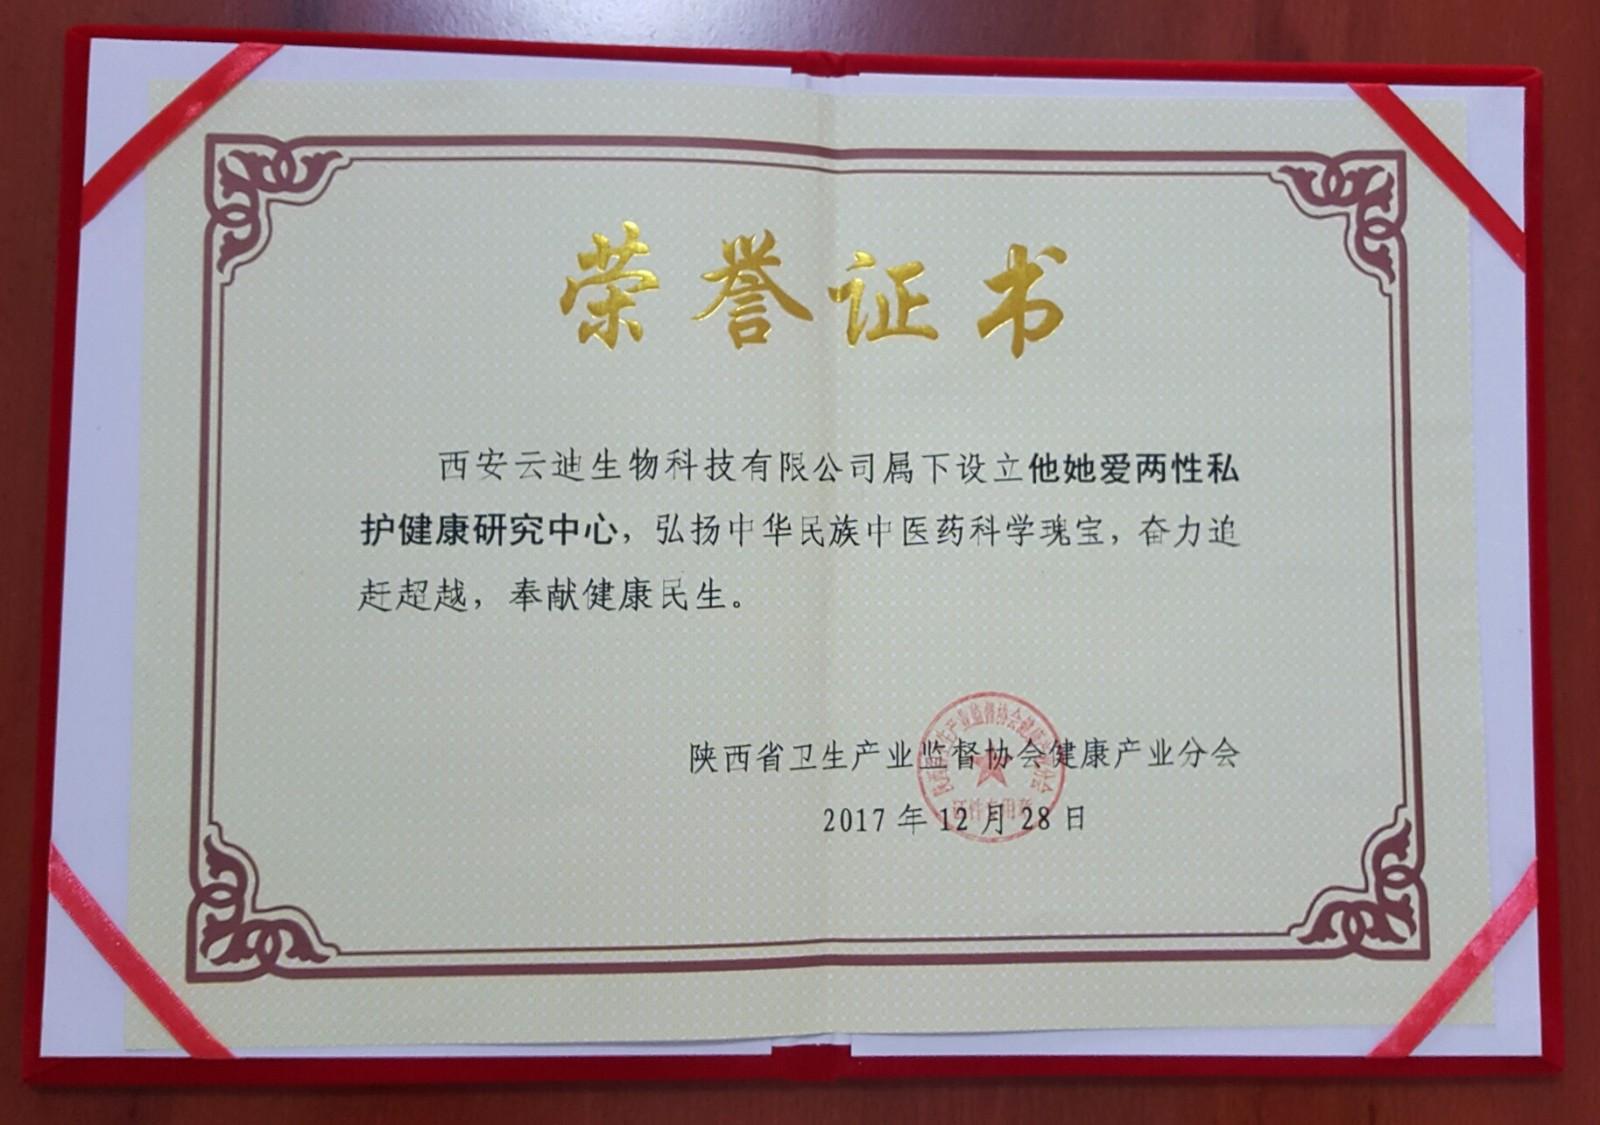 陕西省卫生产业监督协会|新闻动态-西安云迪生物科技有限公司